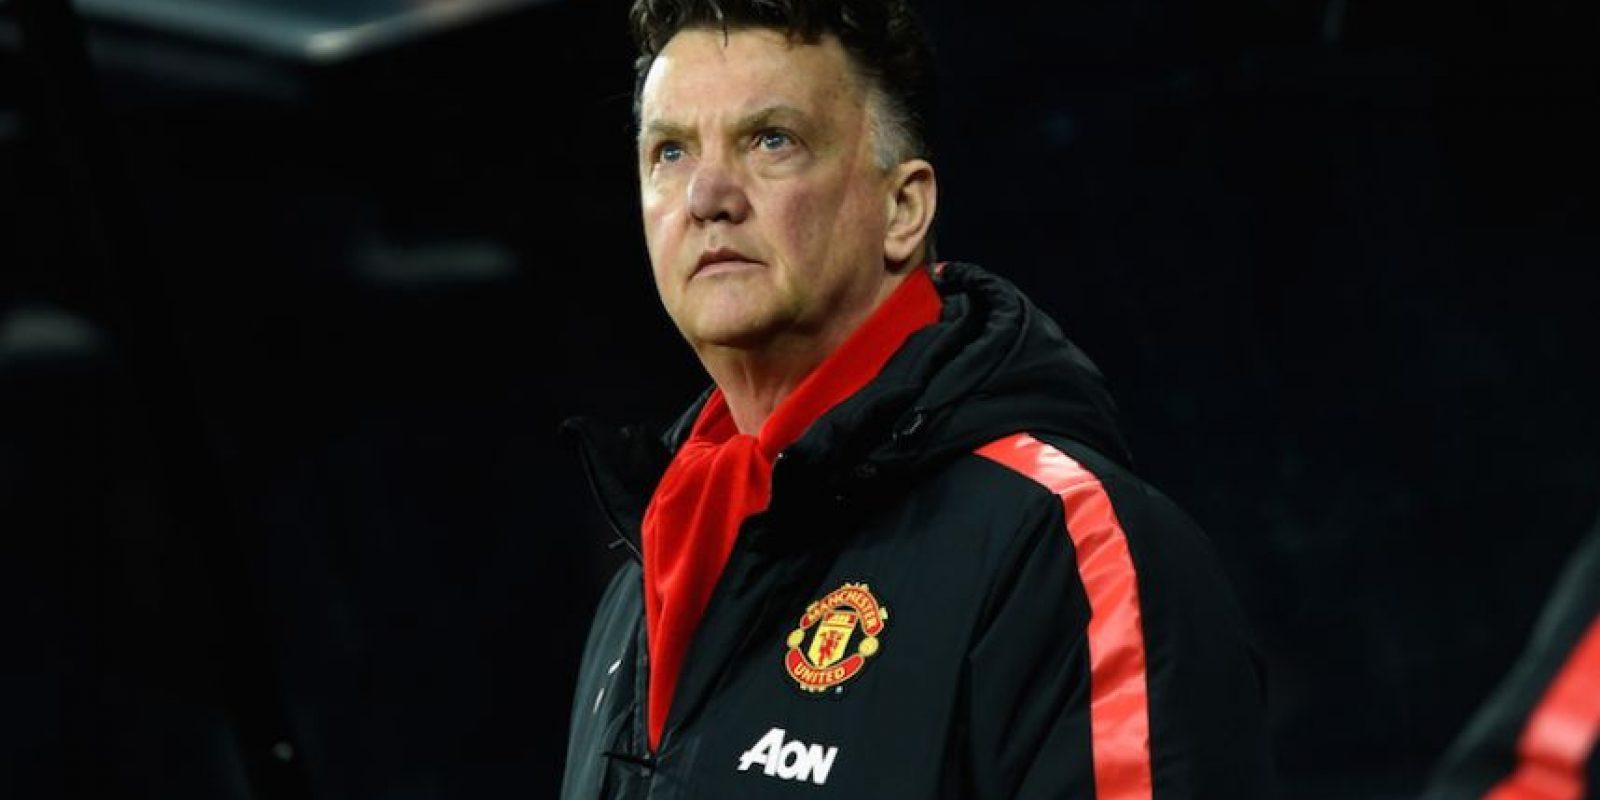 Es su segunda temporada al frente del club inglés. Foto:Getty Images